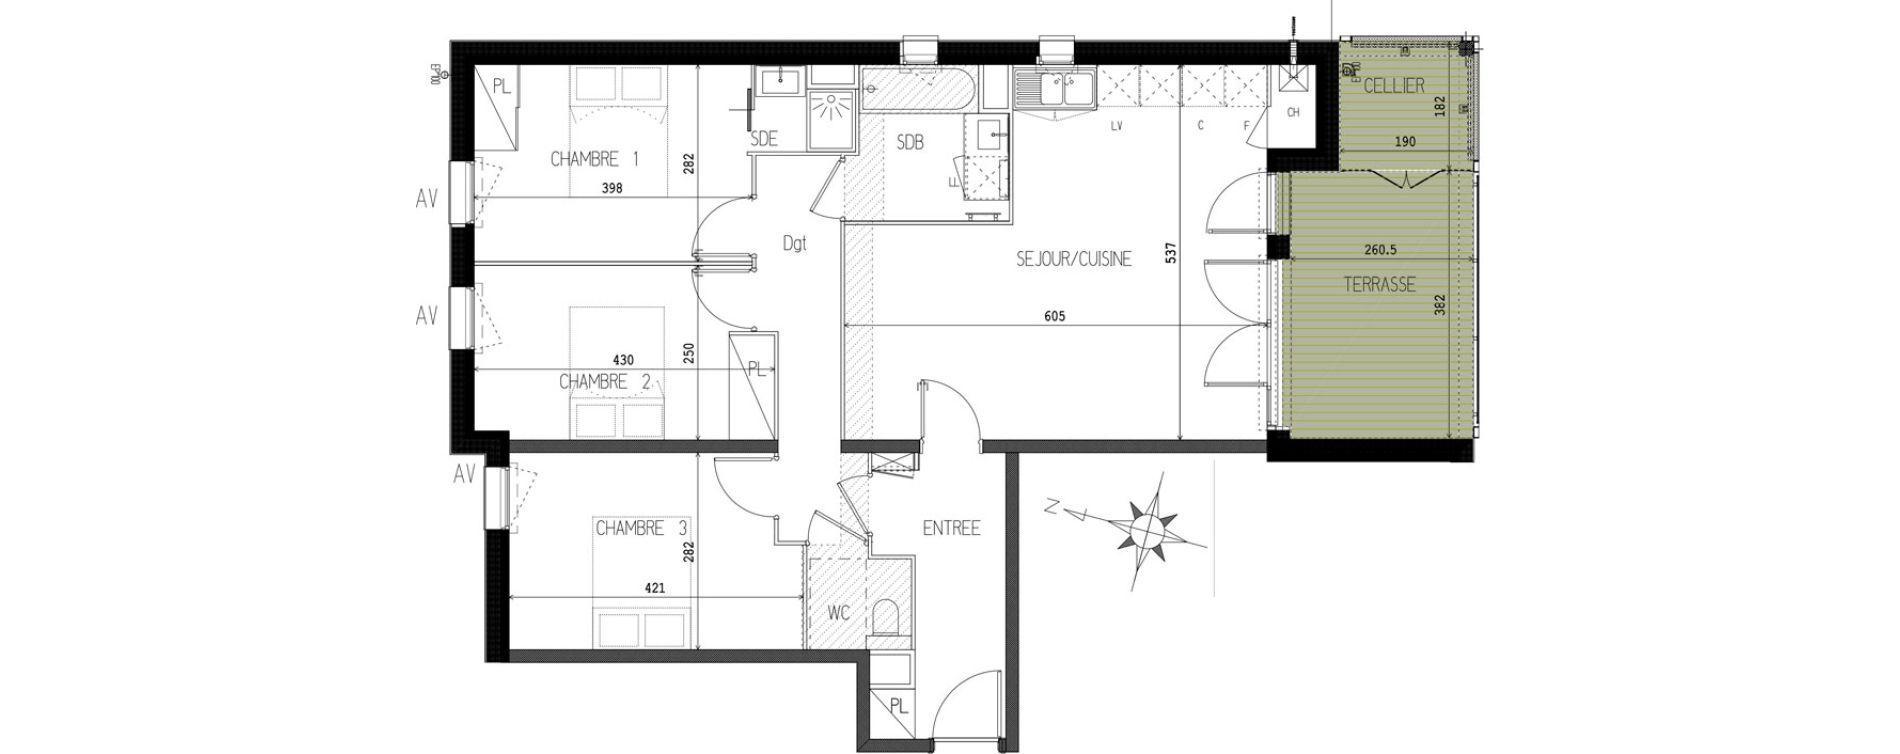 Appartement T4 de 82,08 m2 à Castanet-Tolosan Castanet tolosan centre